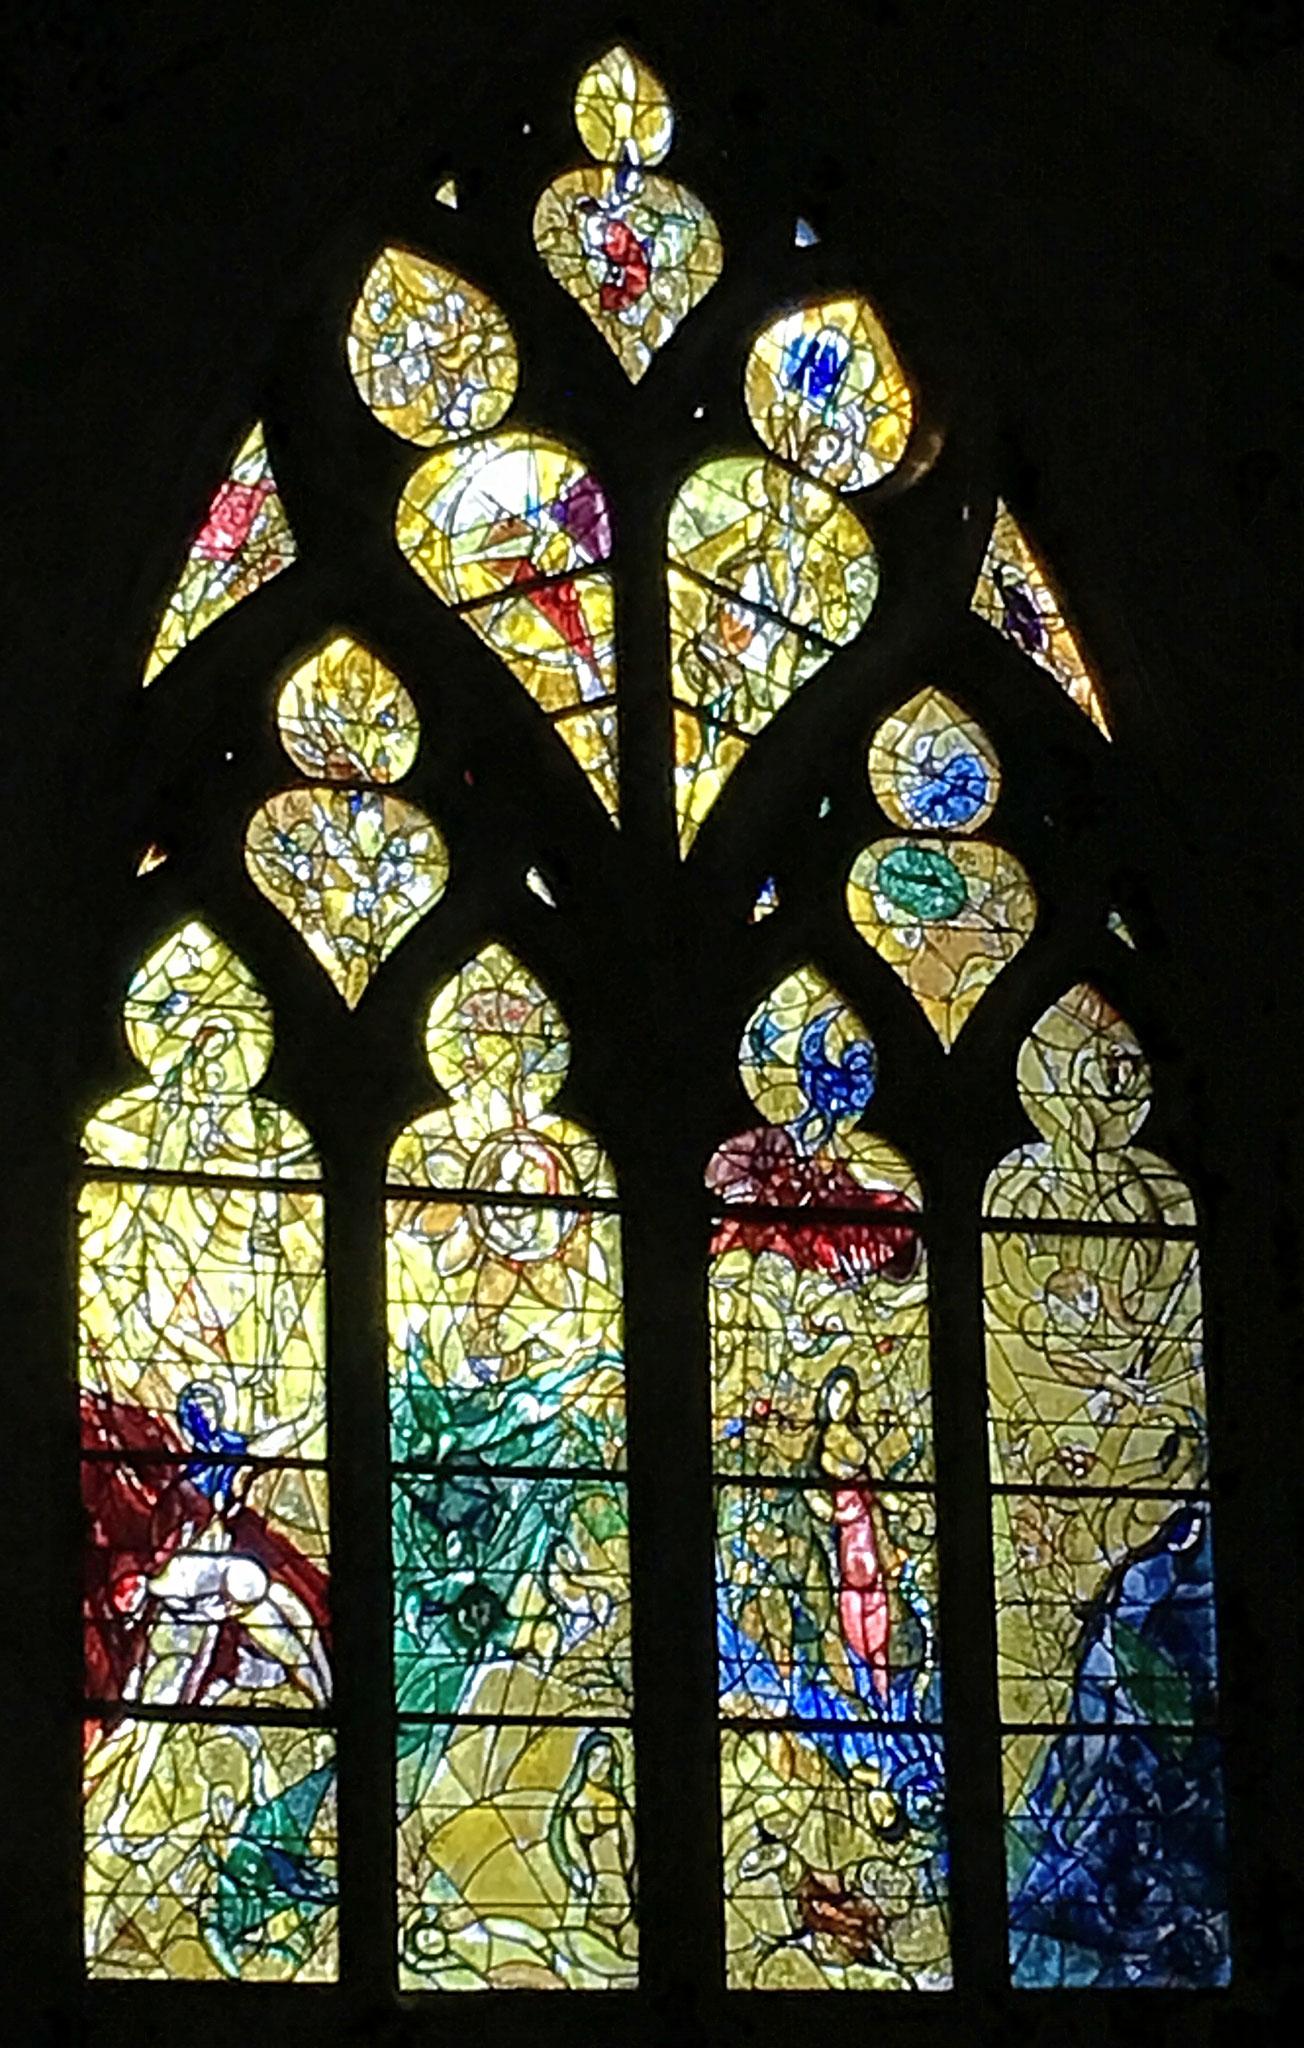 Ein Fenster nach den Entwürfen von Marc Chagall in der Kathedrale Saint-Etienne in Metz